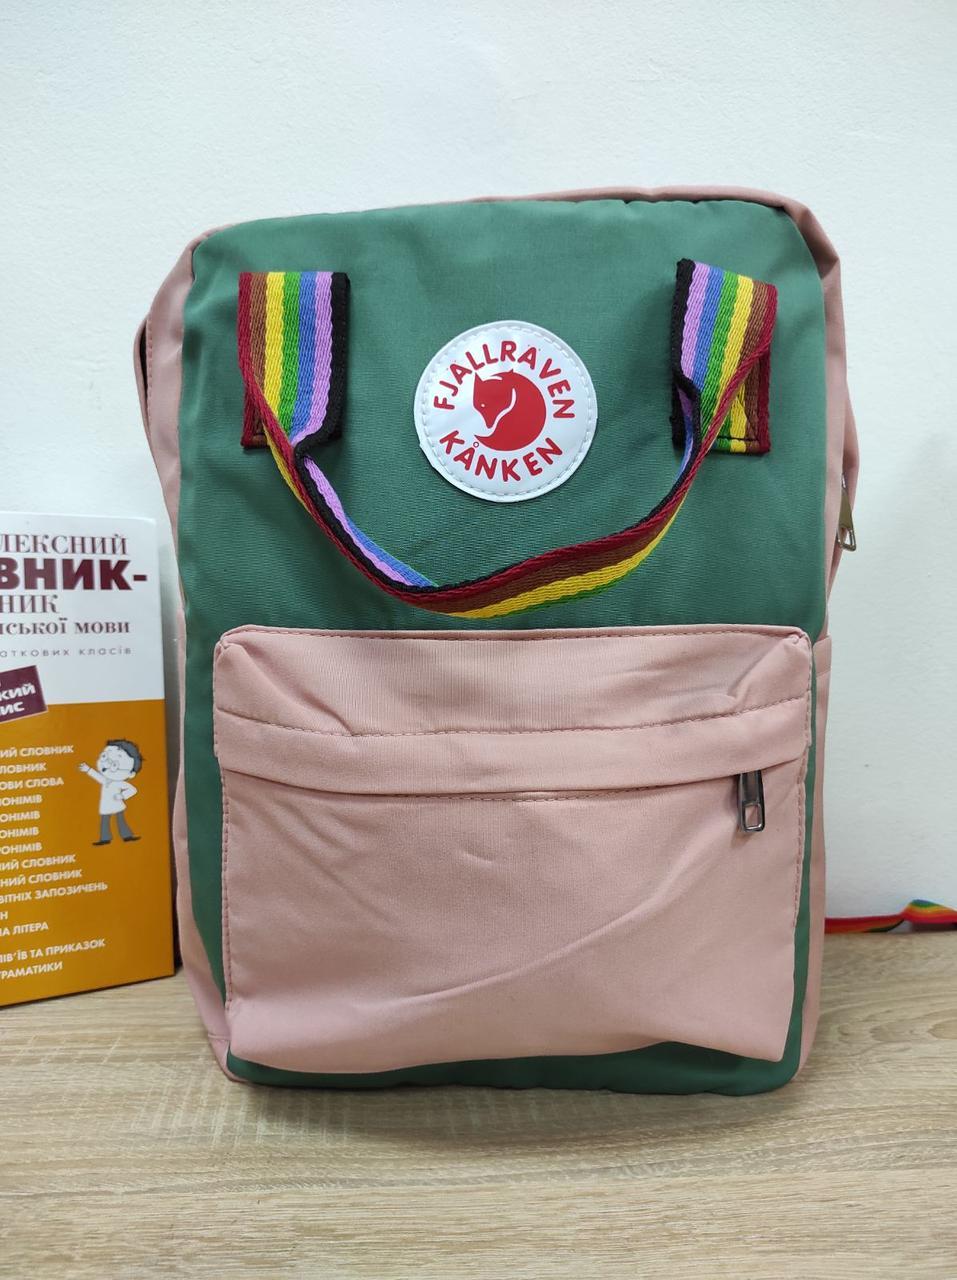 Міський рюкзак на підлітка 35х26х11 см